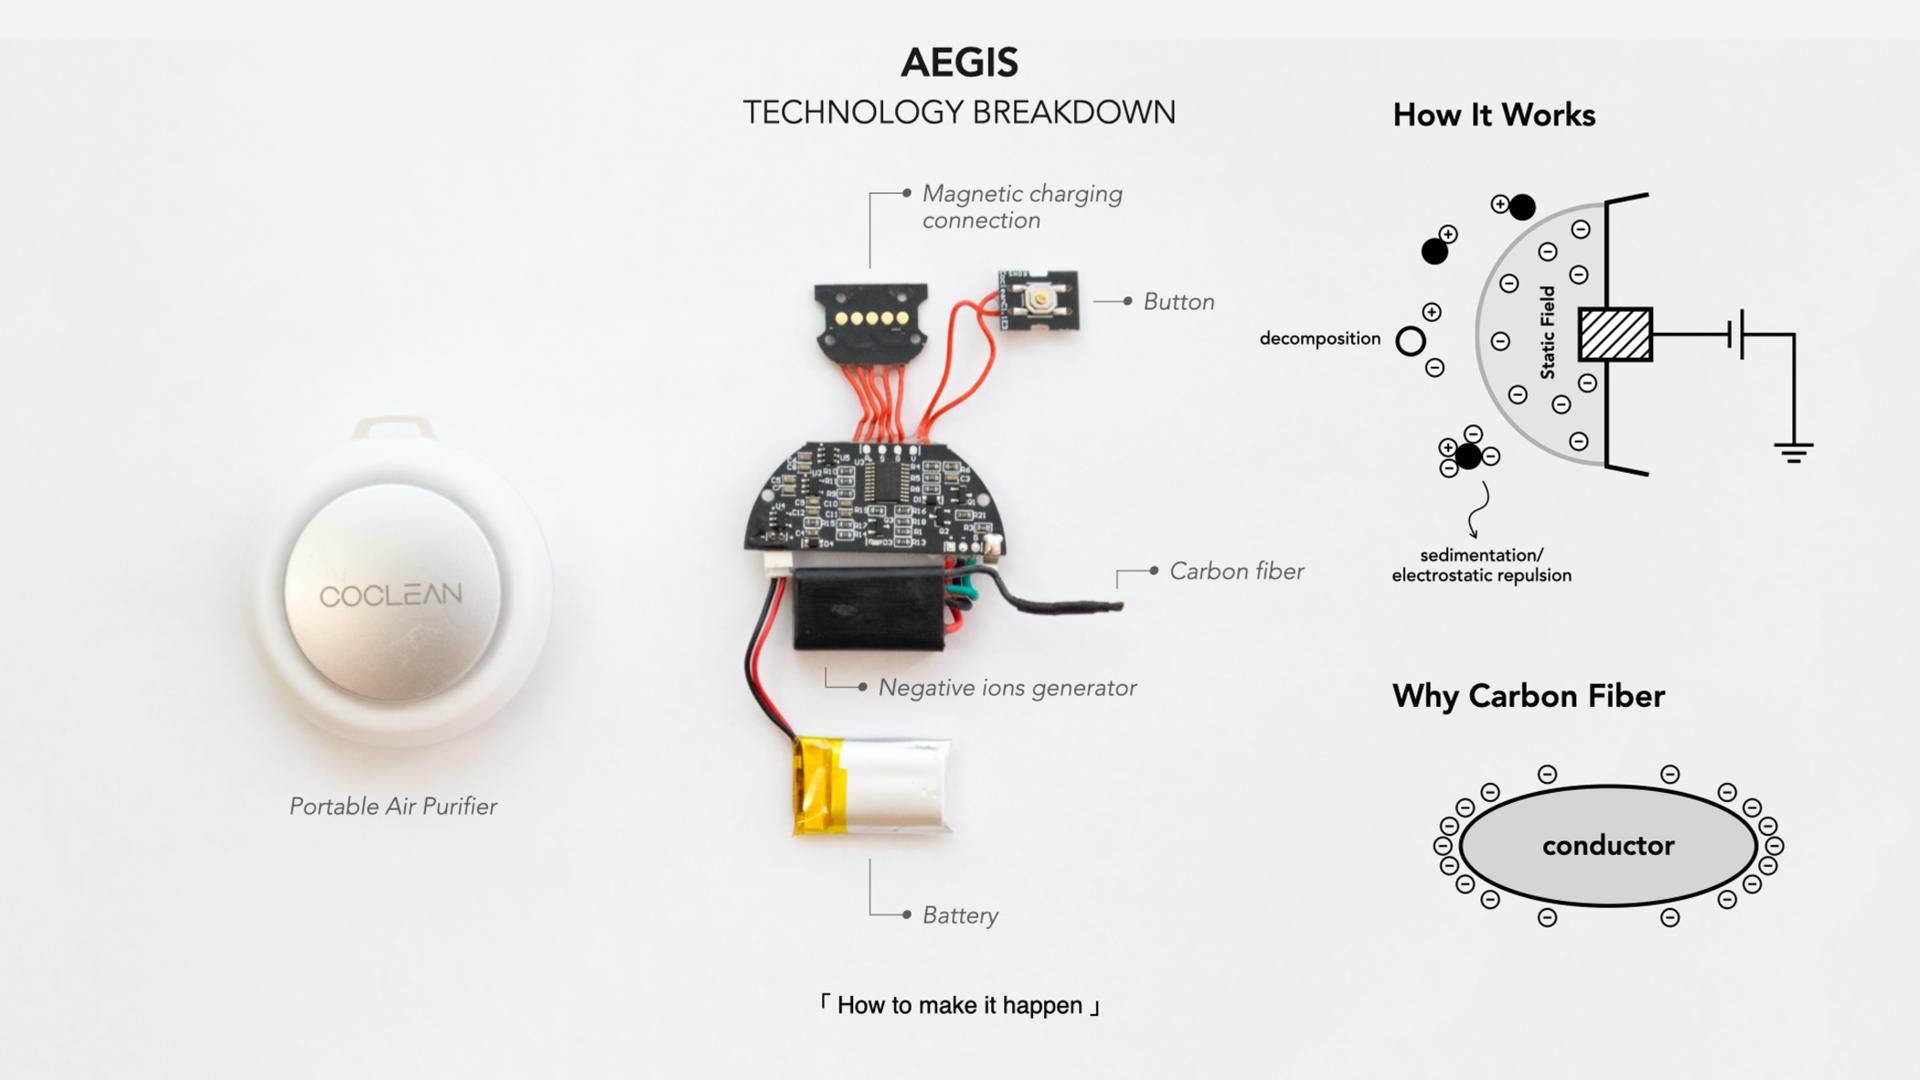 AEGIS: Technology Breakdown